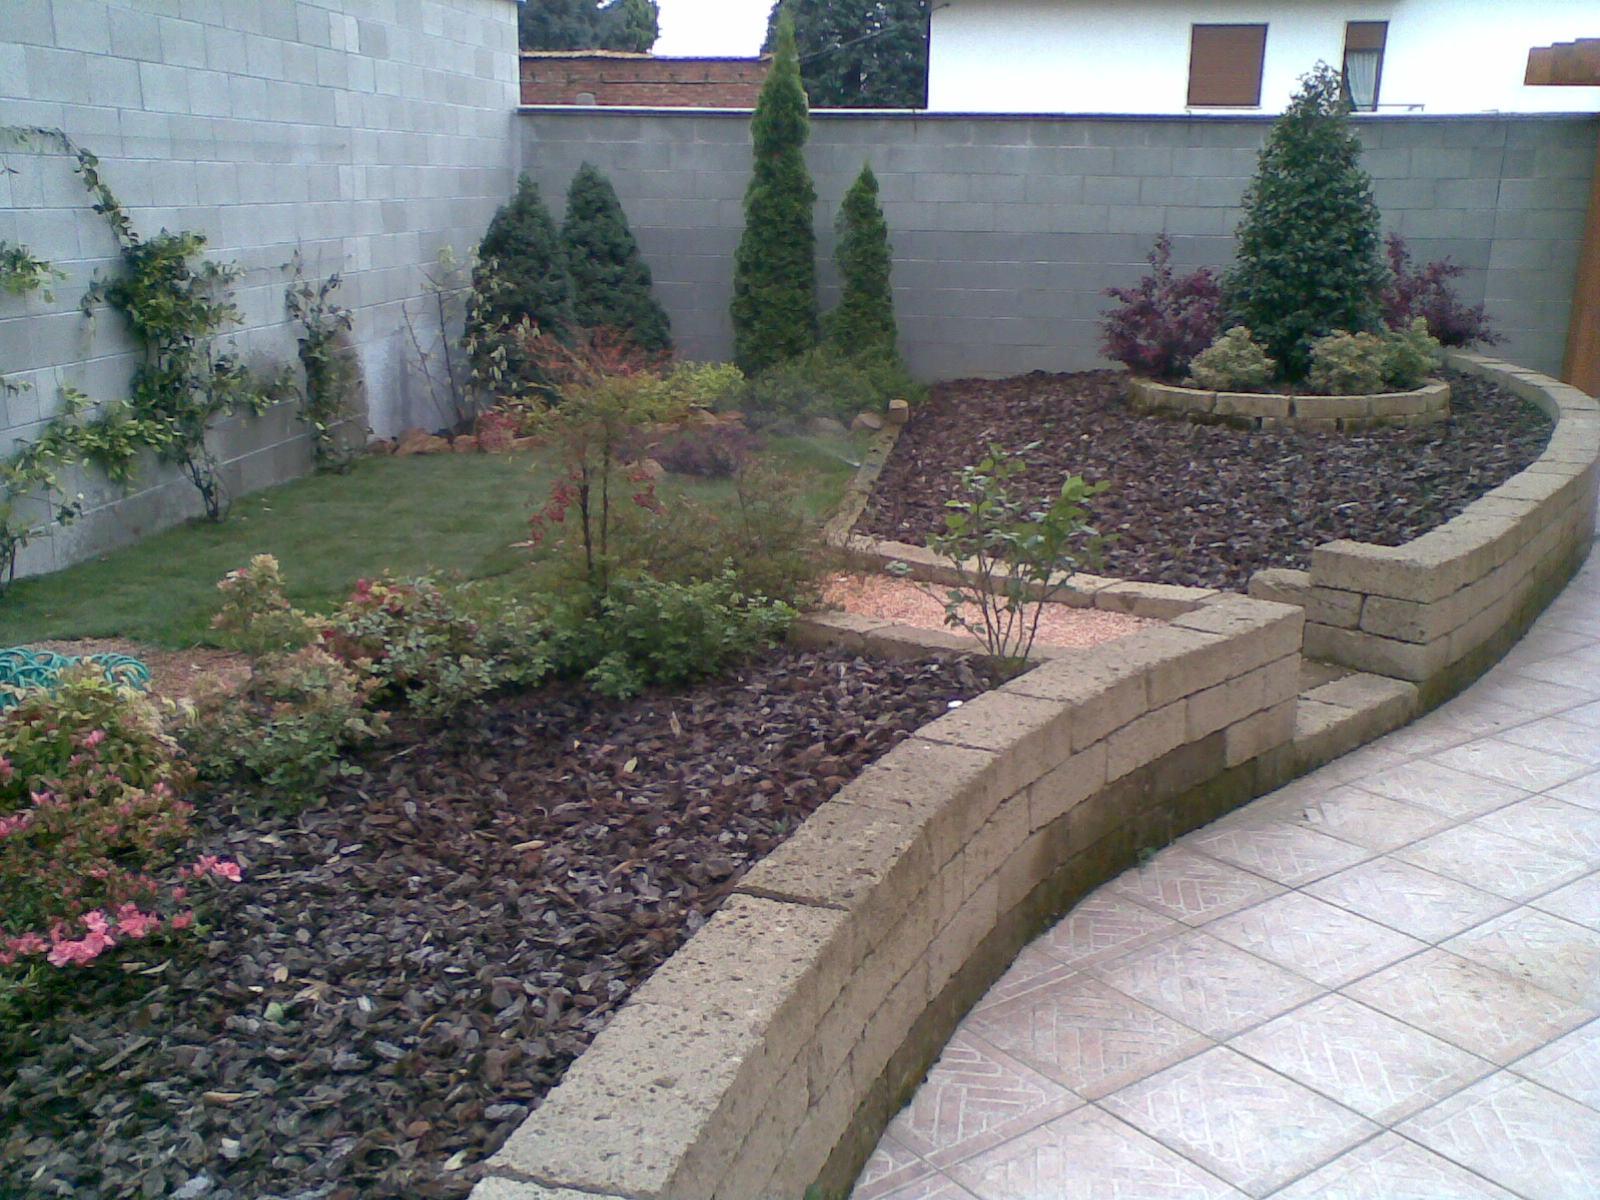 Manutenzione giardini a lainate milano for Manutenzione giardini